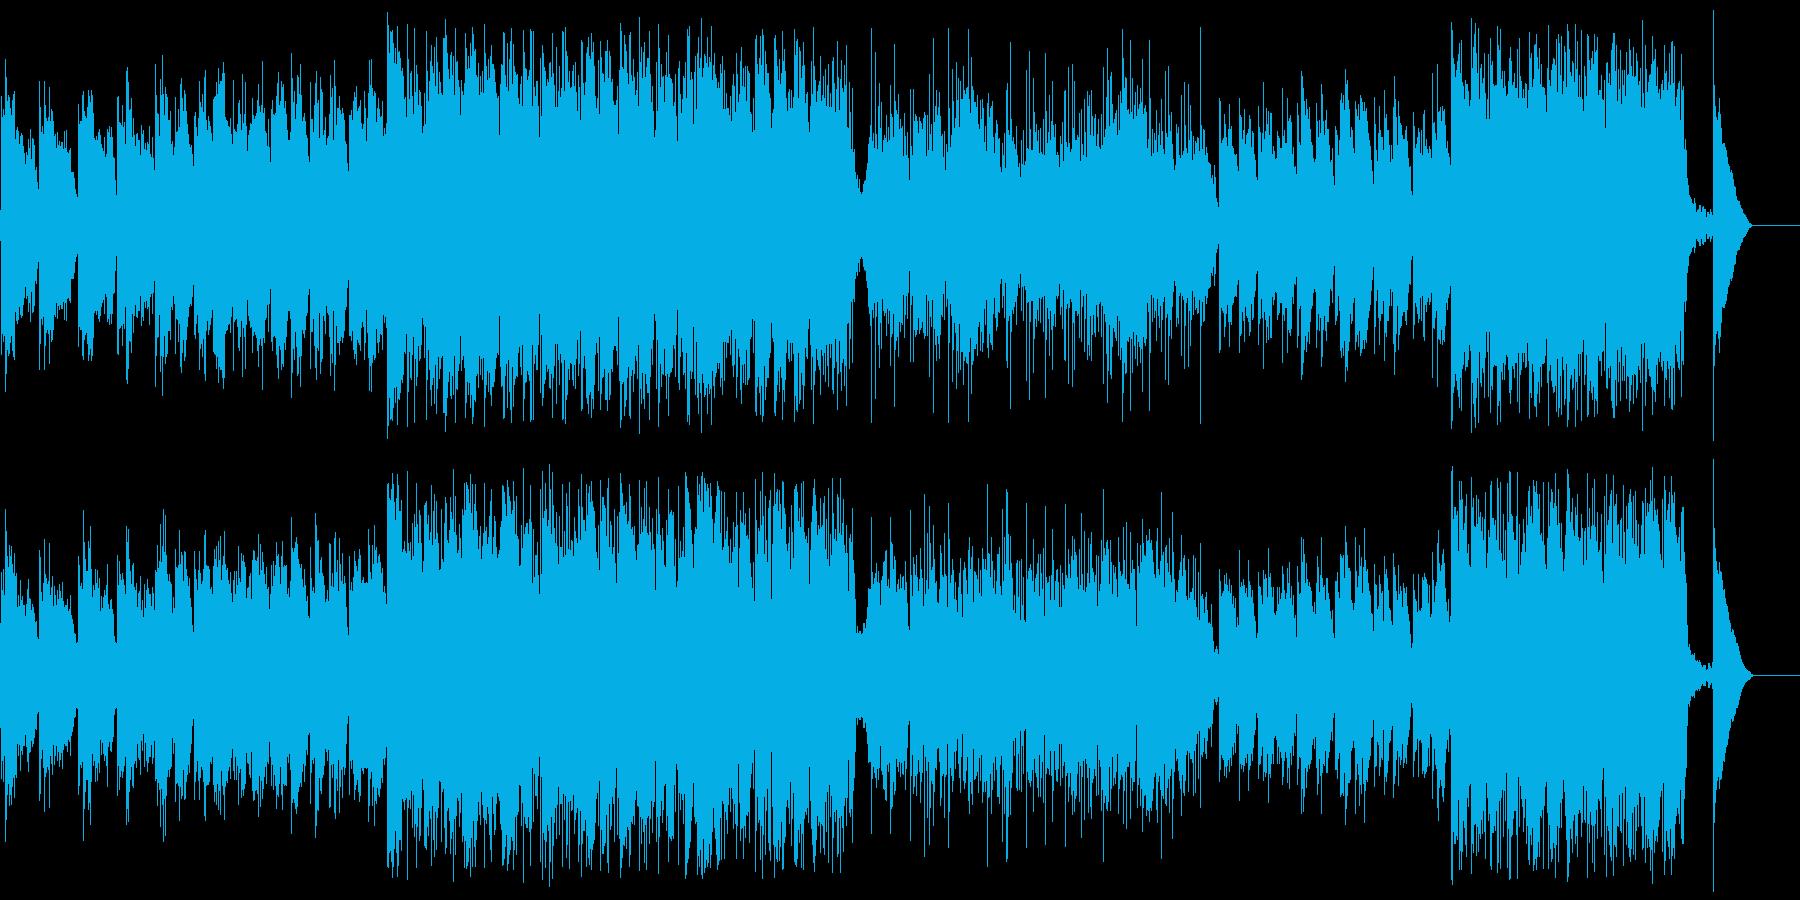 温かく神秘的な西洋サウンドの再生済みの波形